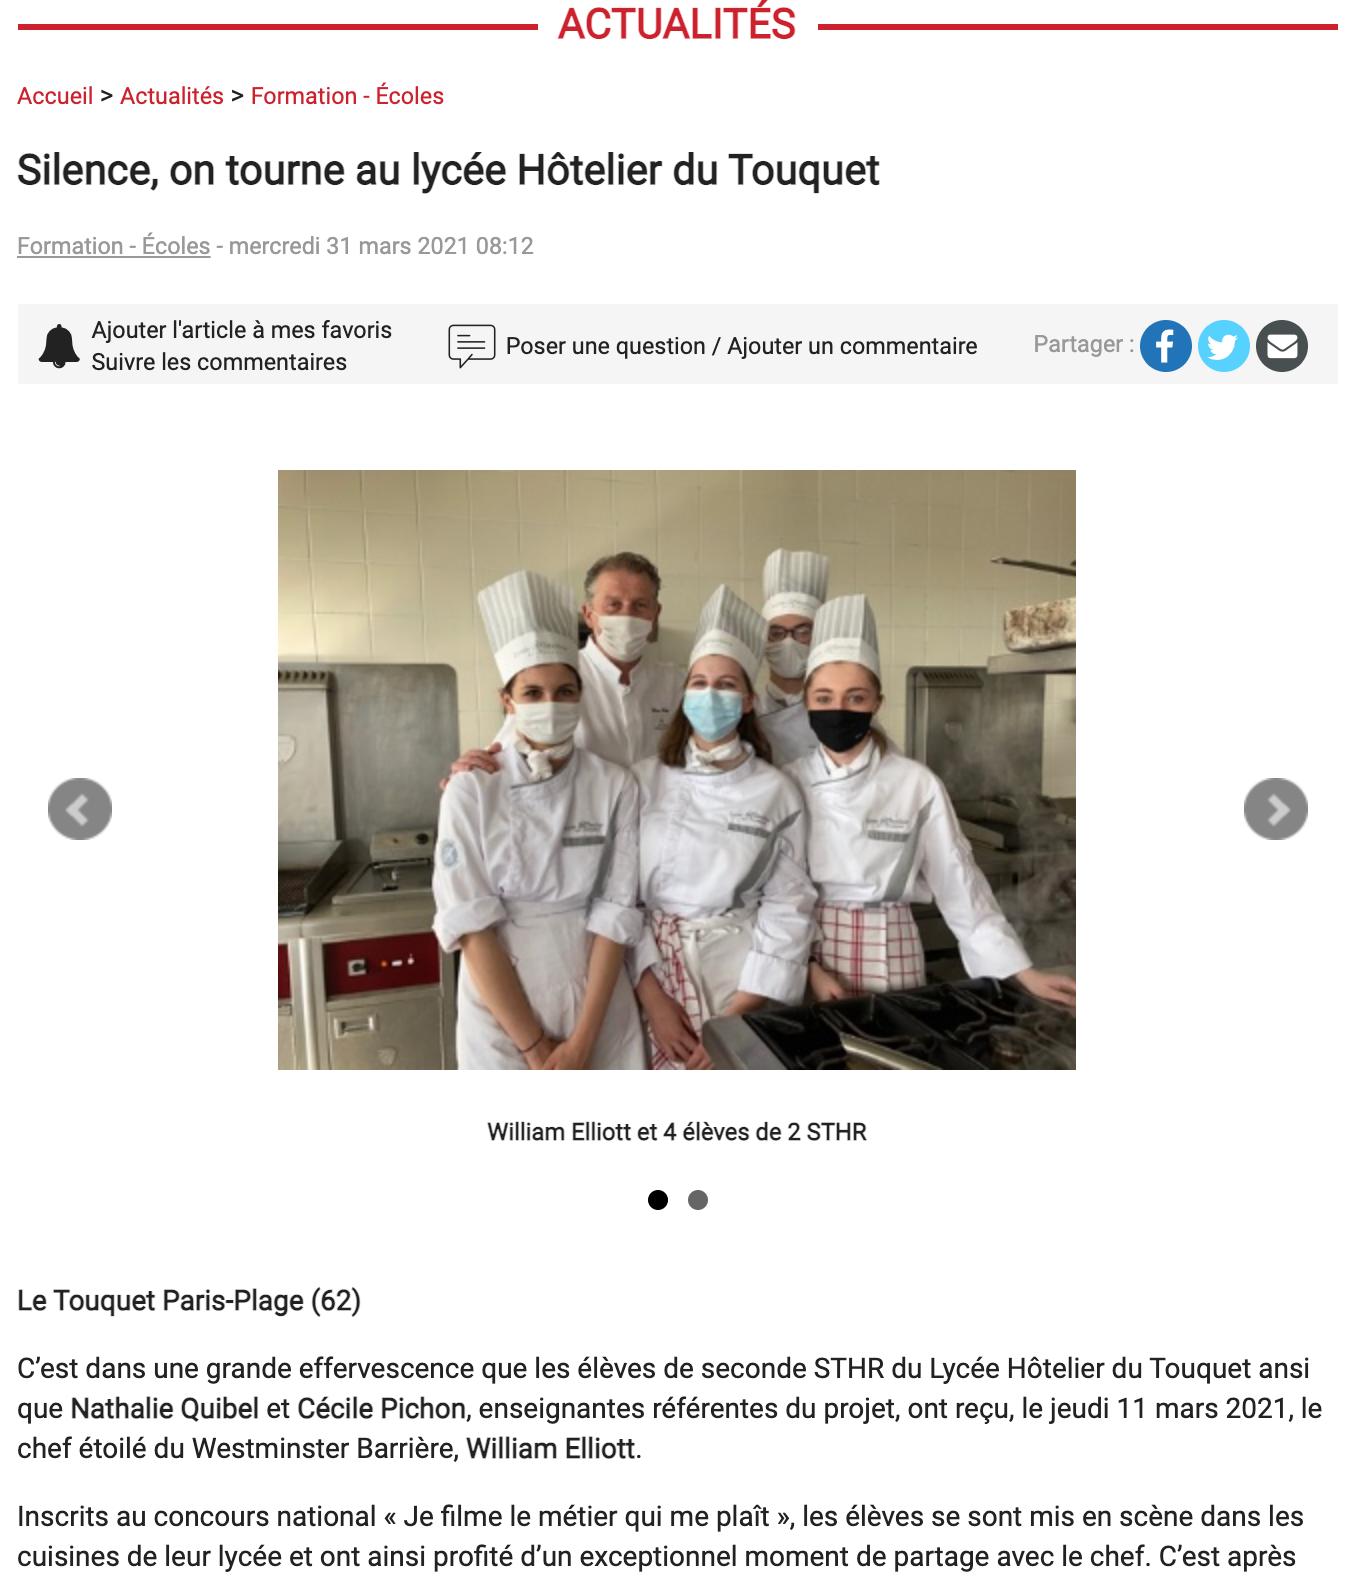 Silence, on tourne au lycée Hôtelier du Touquet